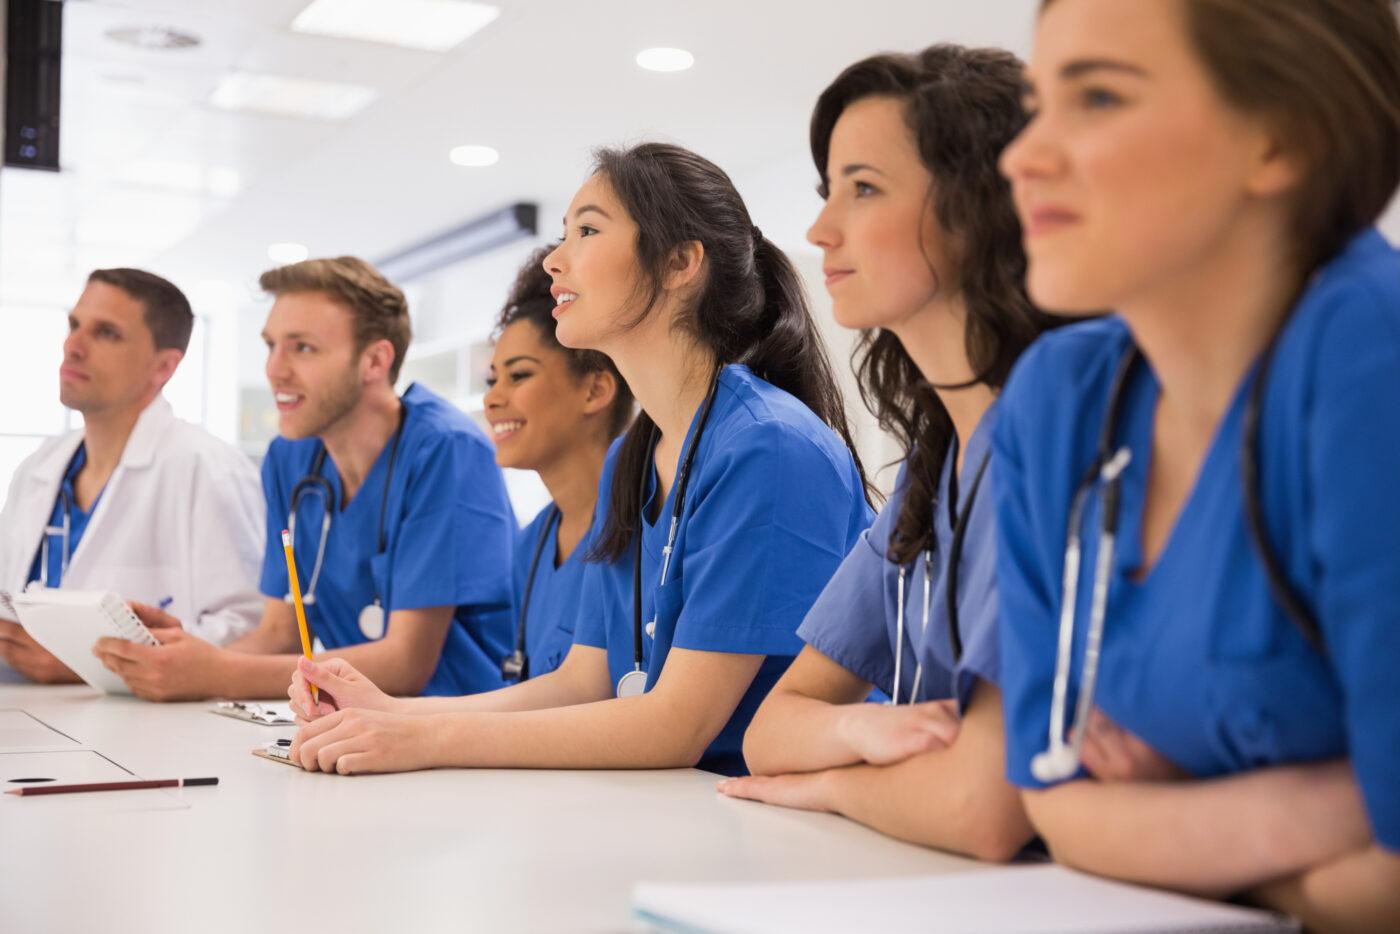 Comanagement Arrangements And Medical Directorships Web